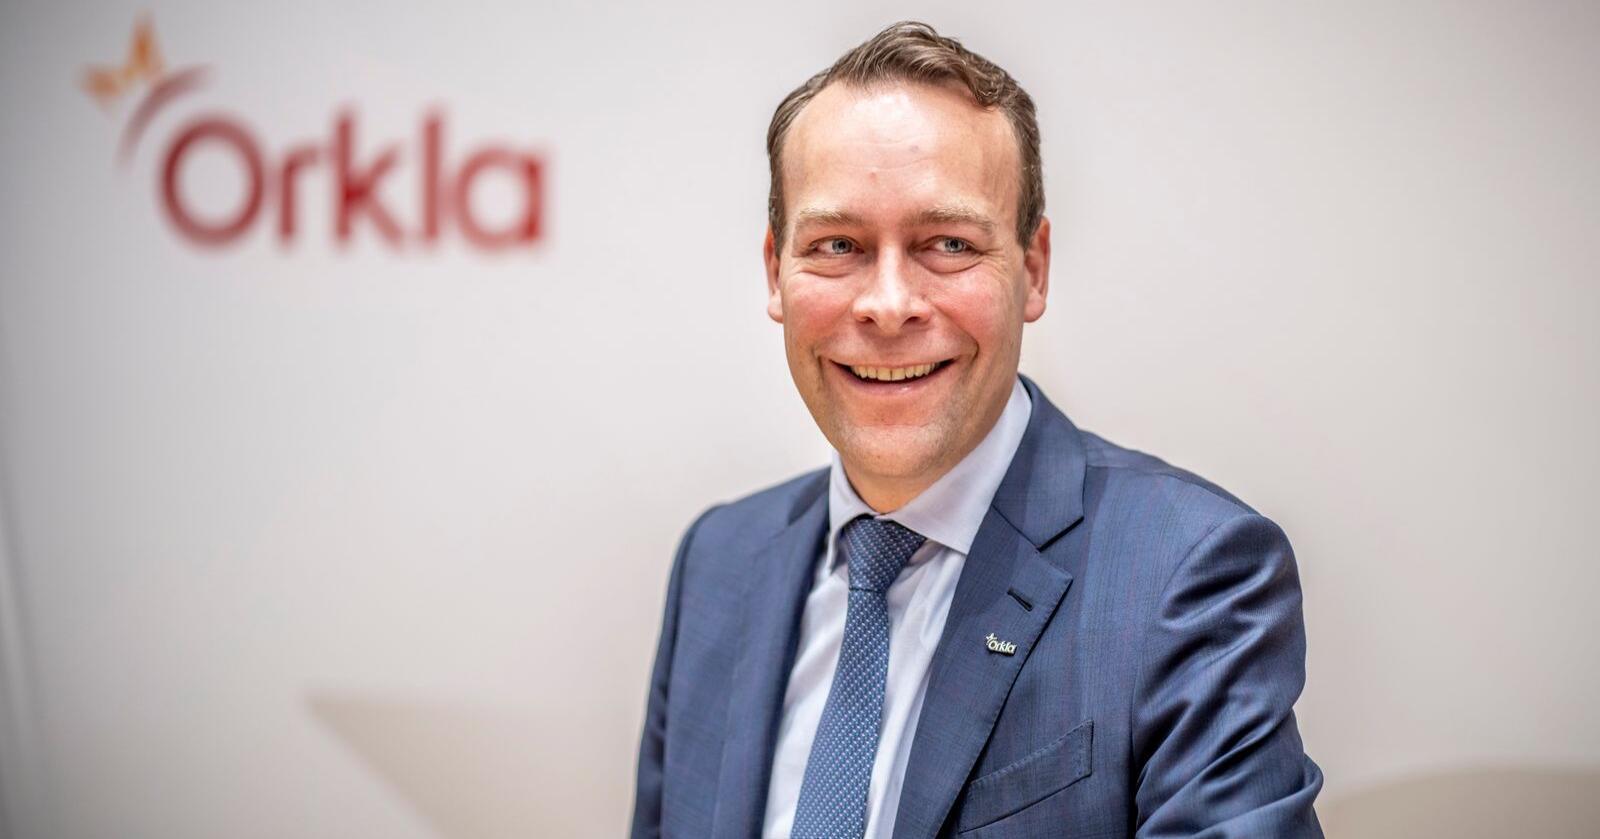 Konsernsjef Jaan Ivar Semlitsch i Orkla sier at starten på året for selskapets merkevarevirksomhet har vært positiv. Foto: Ole Berg-Rusten / NTB